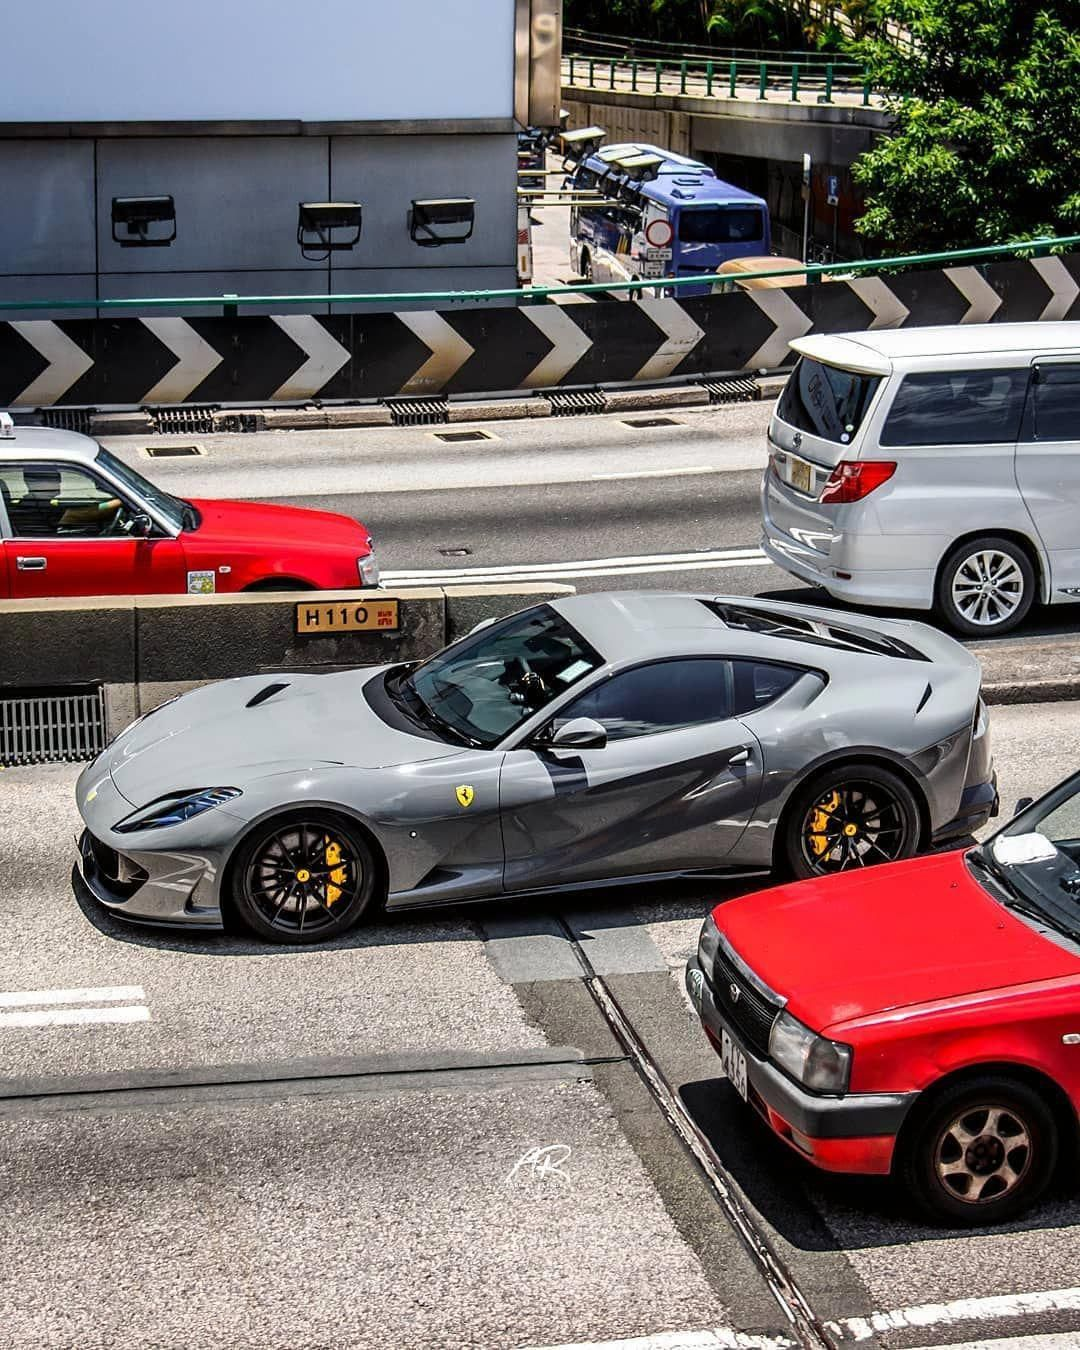 Nardo Grey Ferrari 812 Superfast By Supercarsofhongkong